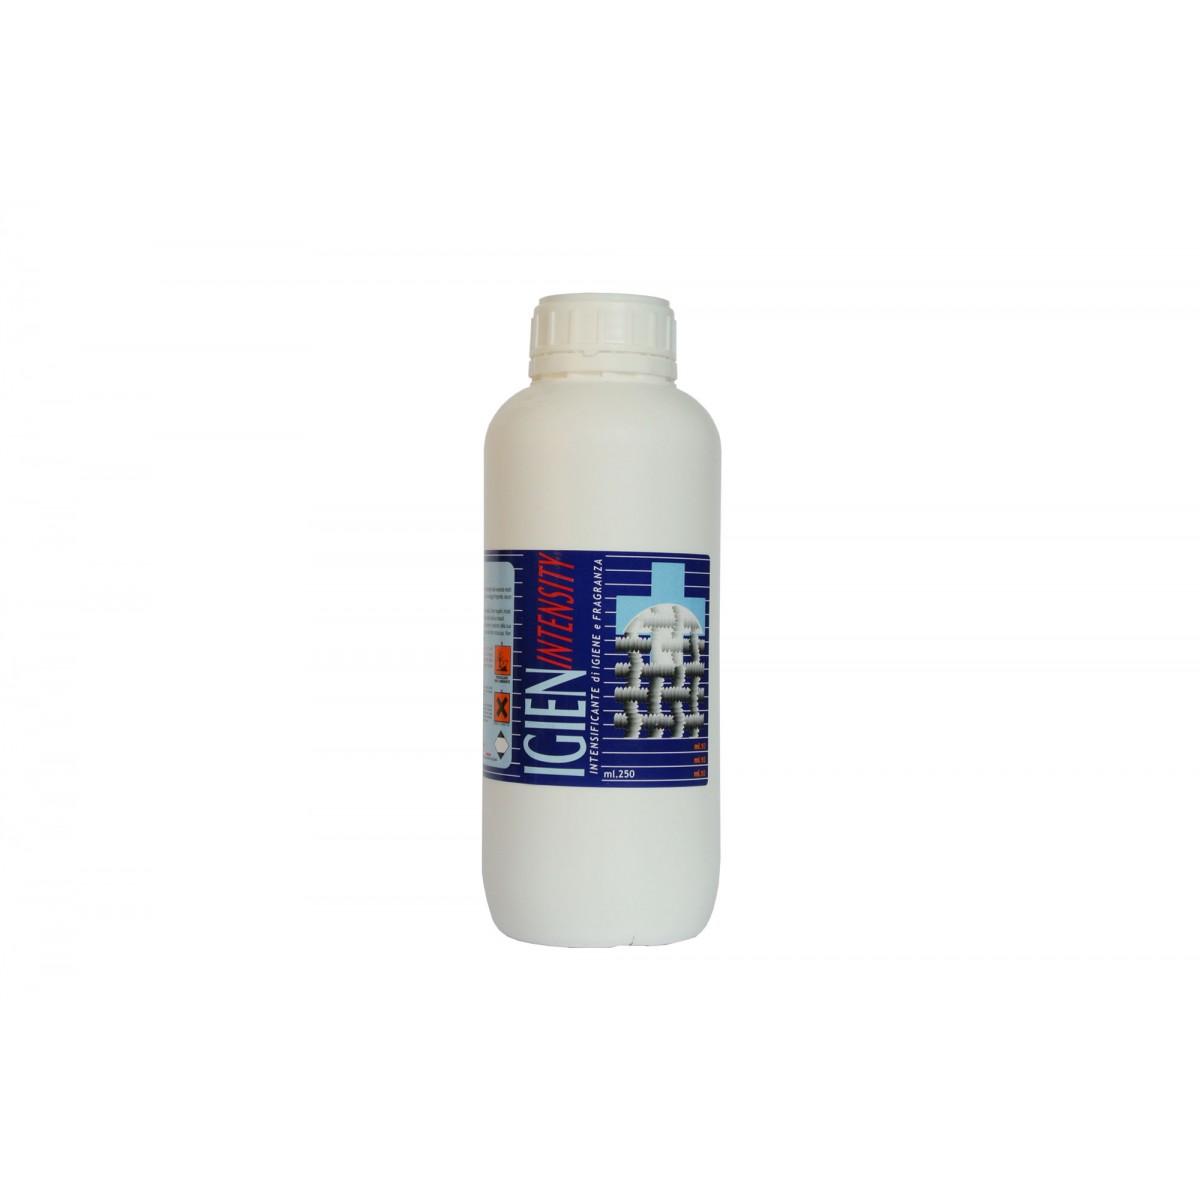 Koncentrát pre zvýšenie hygieny a vône, 1 l